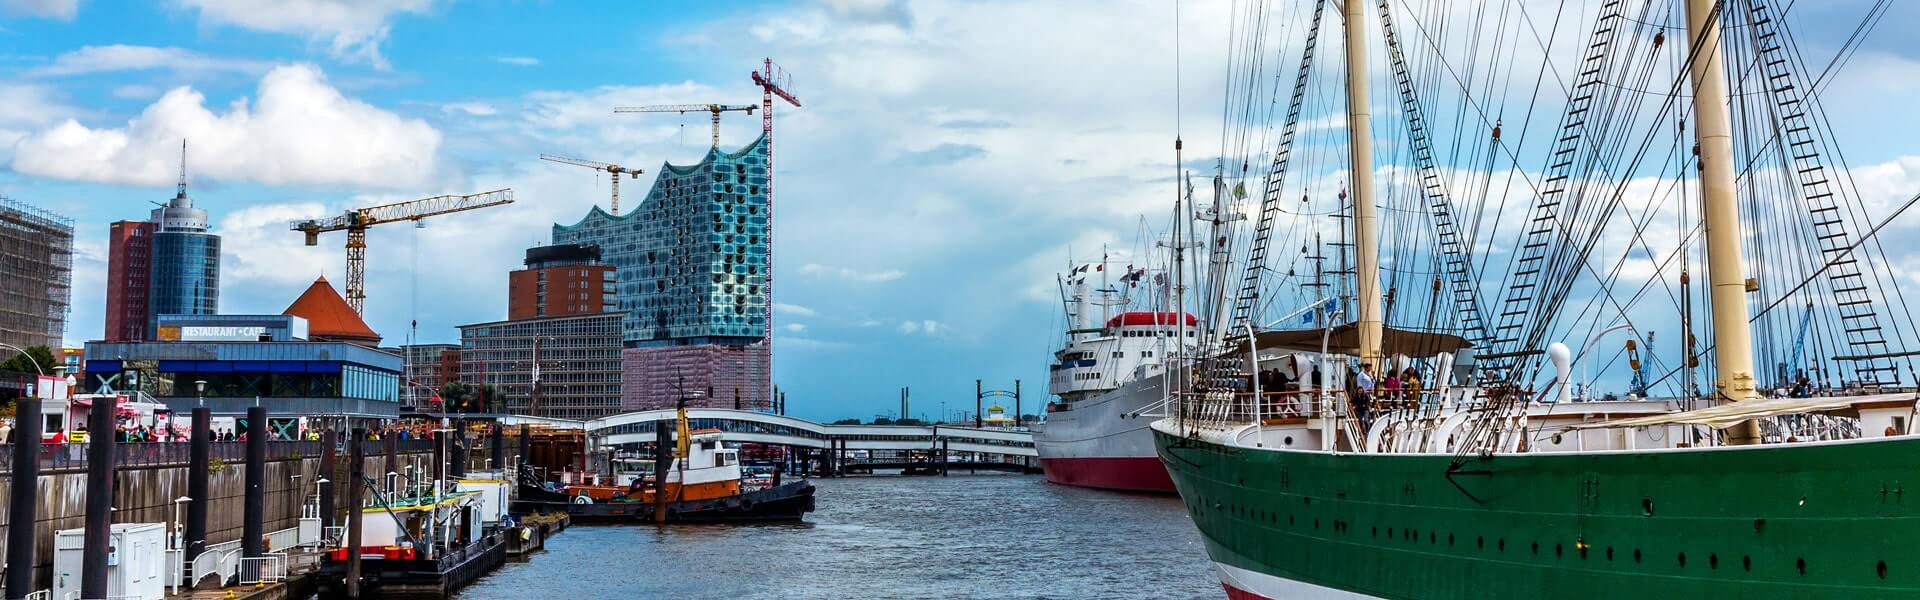 Eine Incentive Reise nach Hamburg - da darf eine Hafenrundfahrt nicht fehlen.